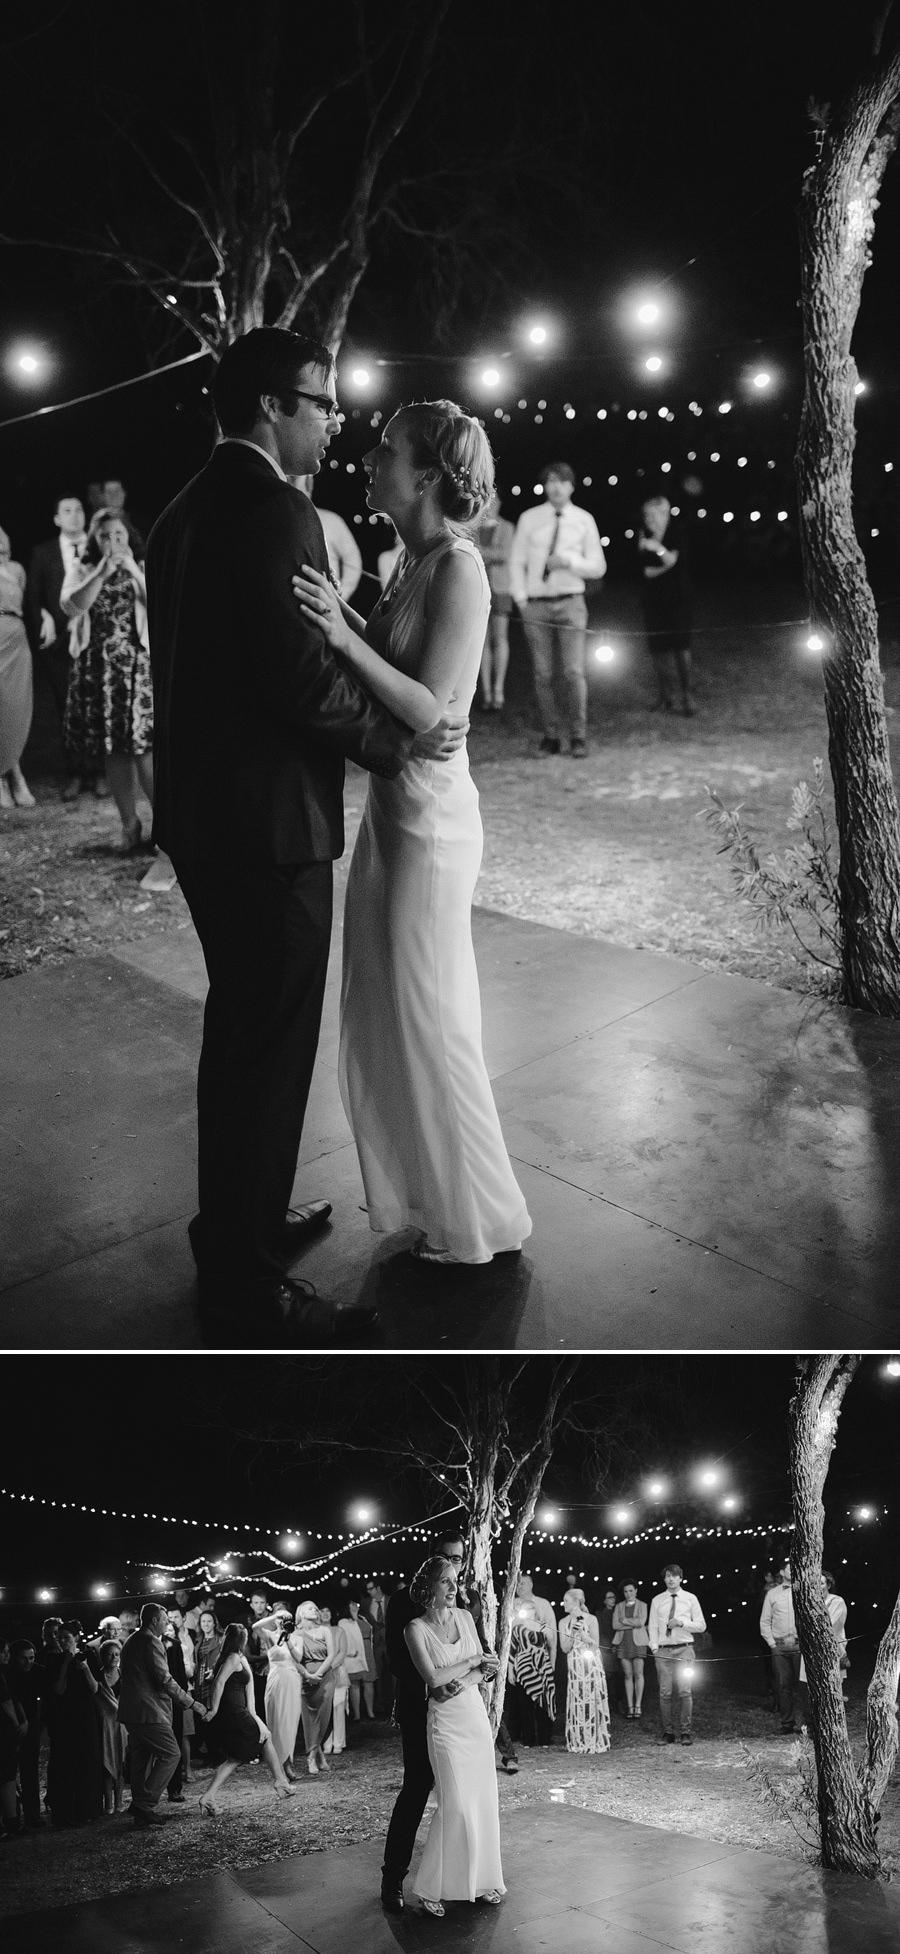 Country Wedding Photography: Dancefloor